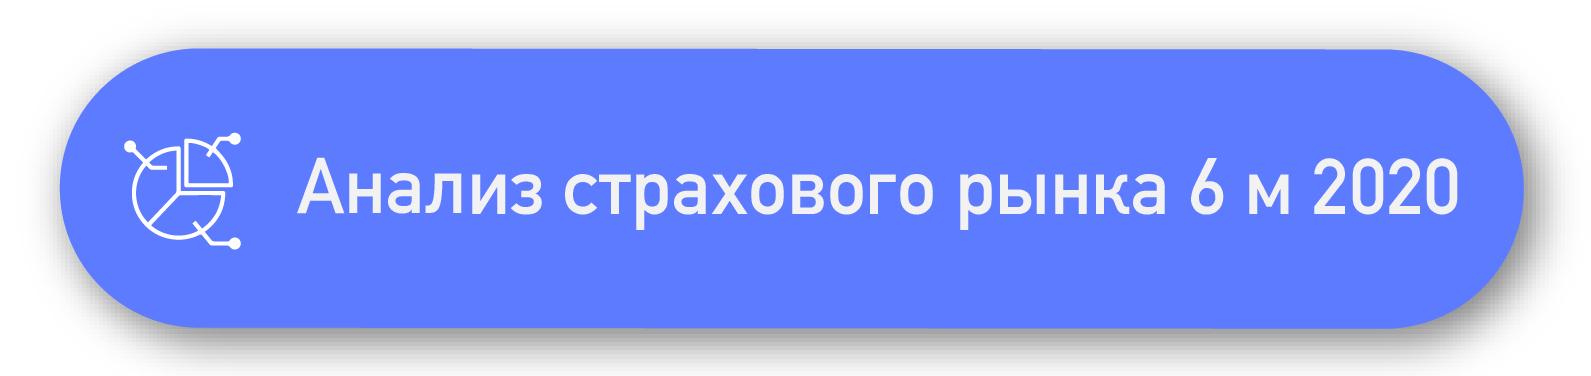 Анализ страхового рынка России 1 полугодие 2020 года